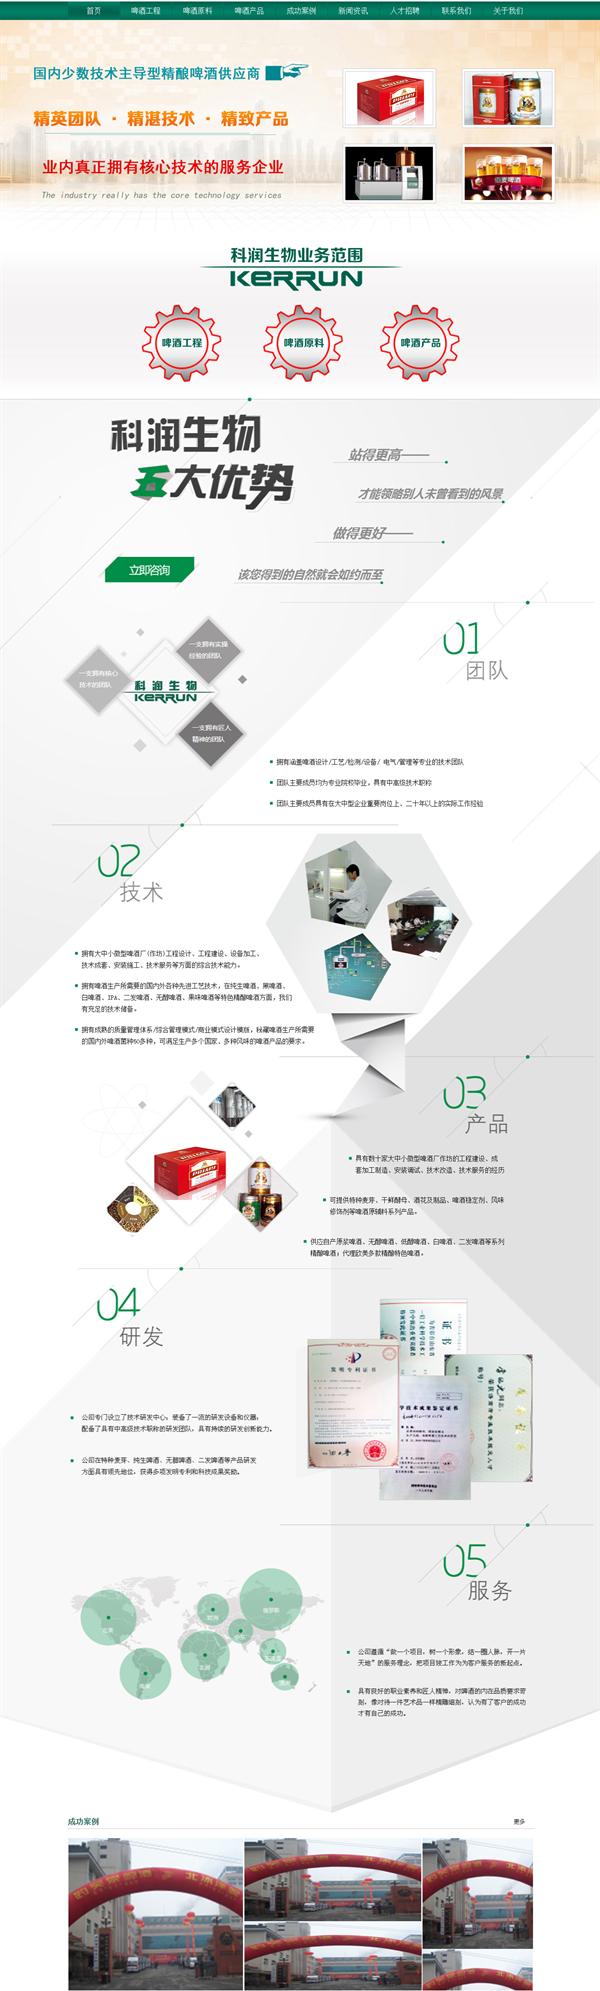 雷鸣网络 (2)_看图王.png